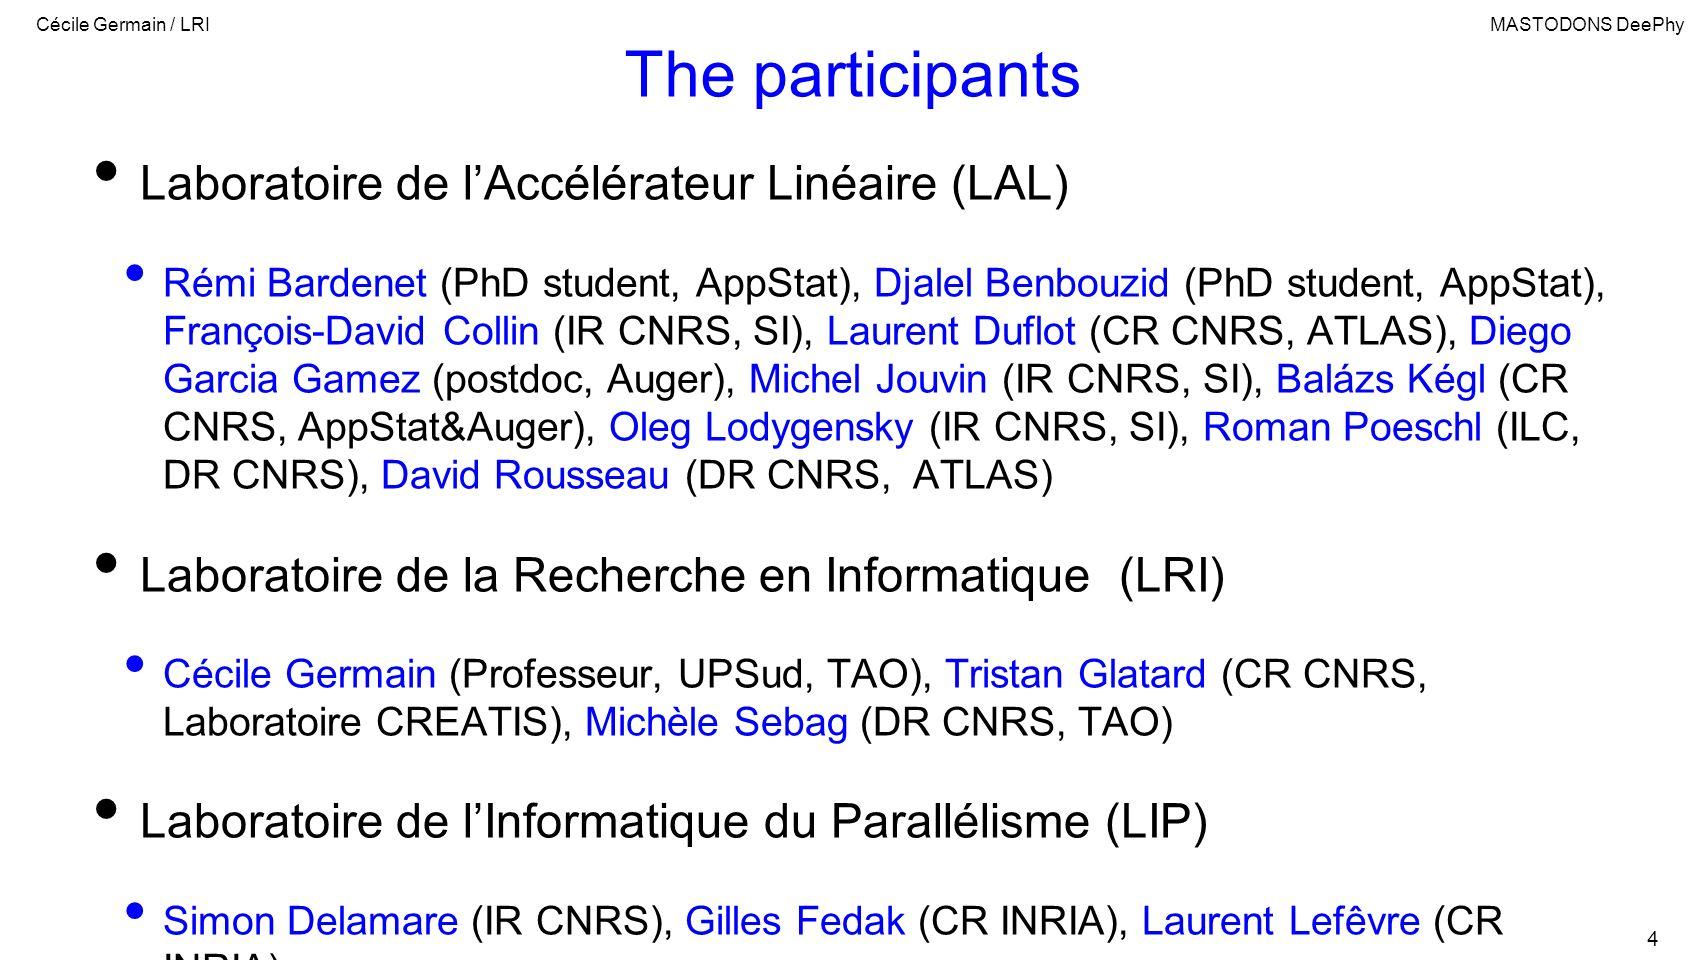 Cécile Germain / LRIMASTODONS DeePhy 4 The participants Laboratoire de lAccélérateur Linéaire (LAL) Rémi Bardenet (PhD student, AppStat), Djalel Benbouzid (PhD student, AppStat), François-David Collin (IR CNRS, SI), Laurent Duflot (CR CNRS, ATLAS), Diego Garcia Gamez (postdoc, Auger), Michel Jouvin (IR CNRS, SI), Balázs Kégl (CR CNRS, AppStat&Auger), Oleg Lodygensky (IR CNRS, SI), Roman Poeschl (ILC, DR CNRS), David Rousseau (DR CNRS, ATLAS) Laboratoire de la Recherche en Informatique (LRI) Cécile Germain (Professeur, UPSud, TAO), Tristan Glatard (CR CNRS, Laboratoire CREATIS), Michèle Sebag (DR CNRS, TAO) Laboratoire de lInformatique du Parallélisme (LIP) Simon Delamare (IR CNRS), Gilles Fedak (CR INRIA), Laurent Lefêvre (CR INRIA)